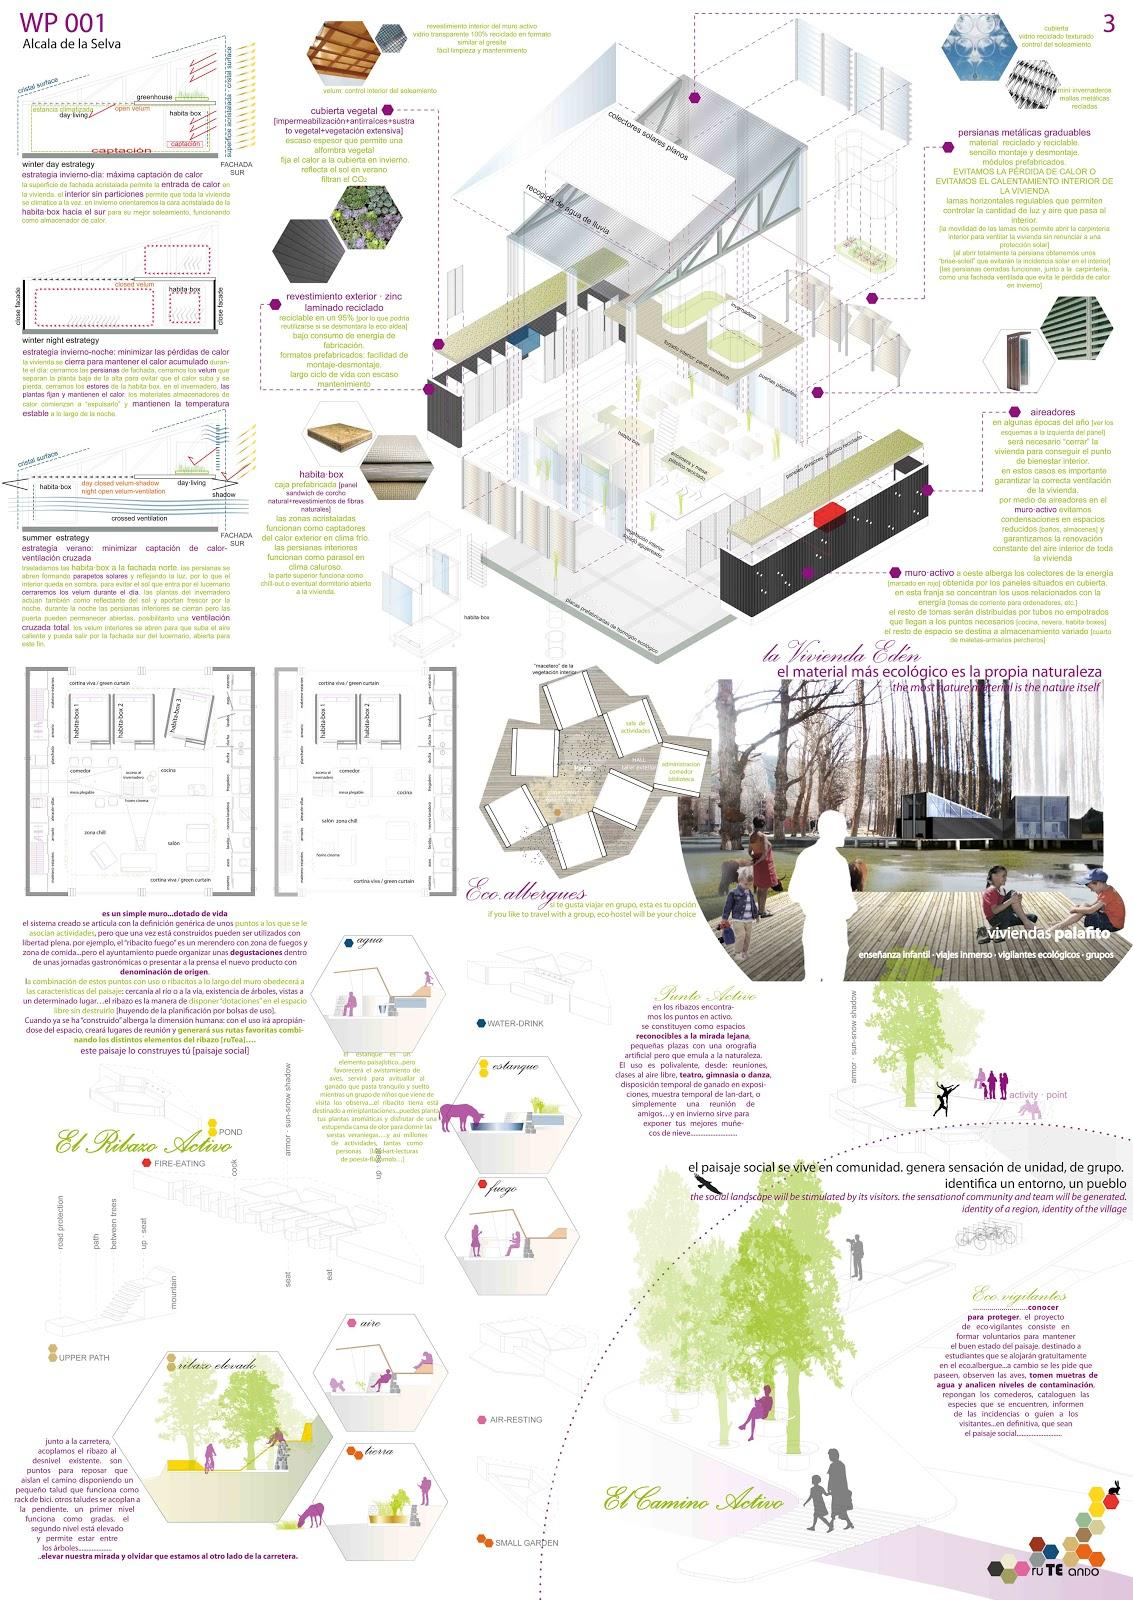 Nairagallardoruiz arquitectura planificaci n cultural - Paginas de viviendas ...